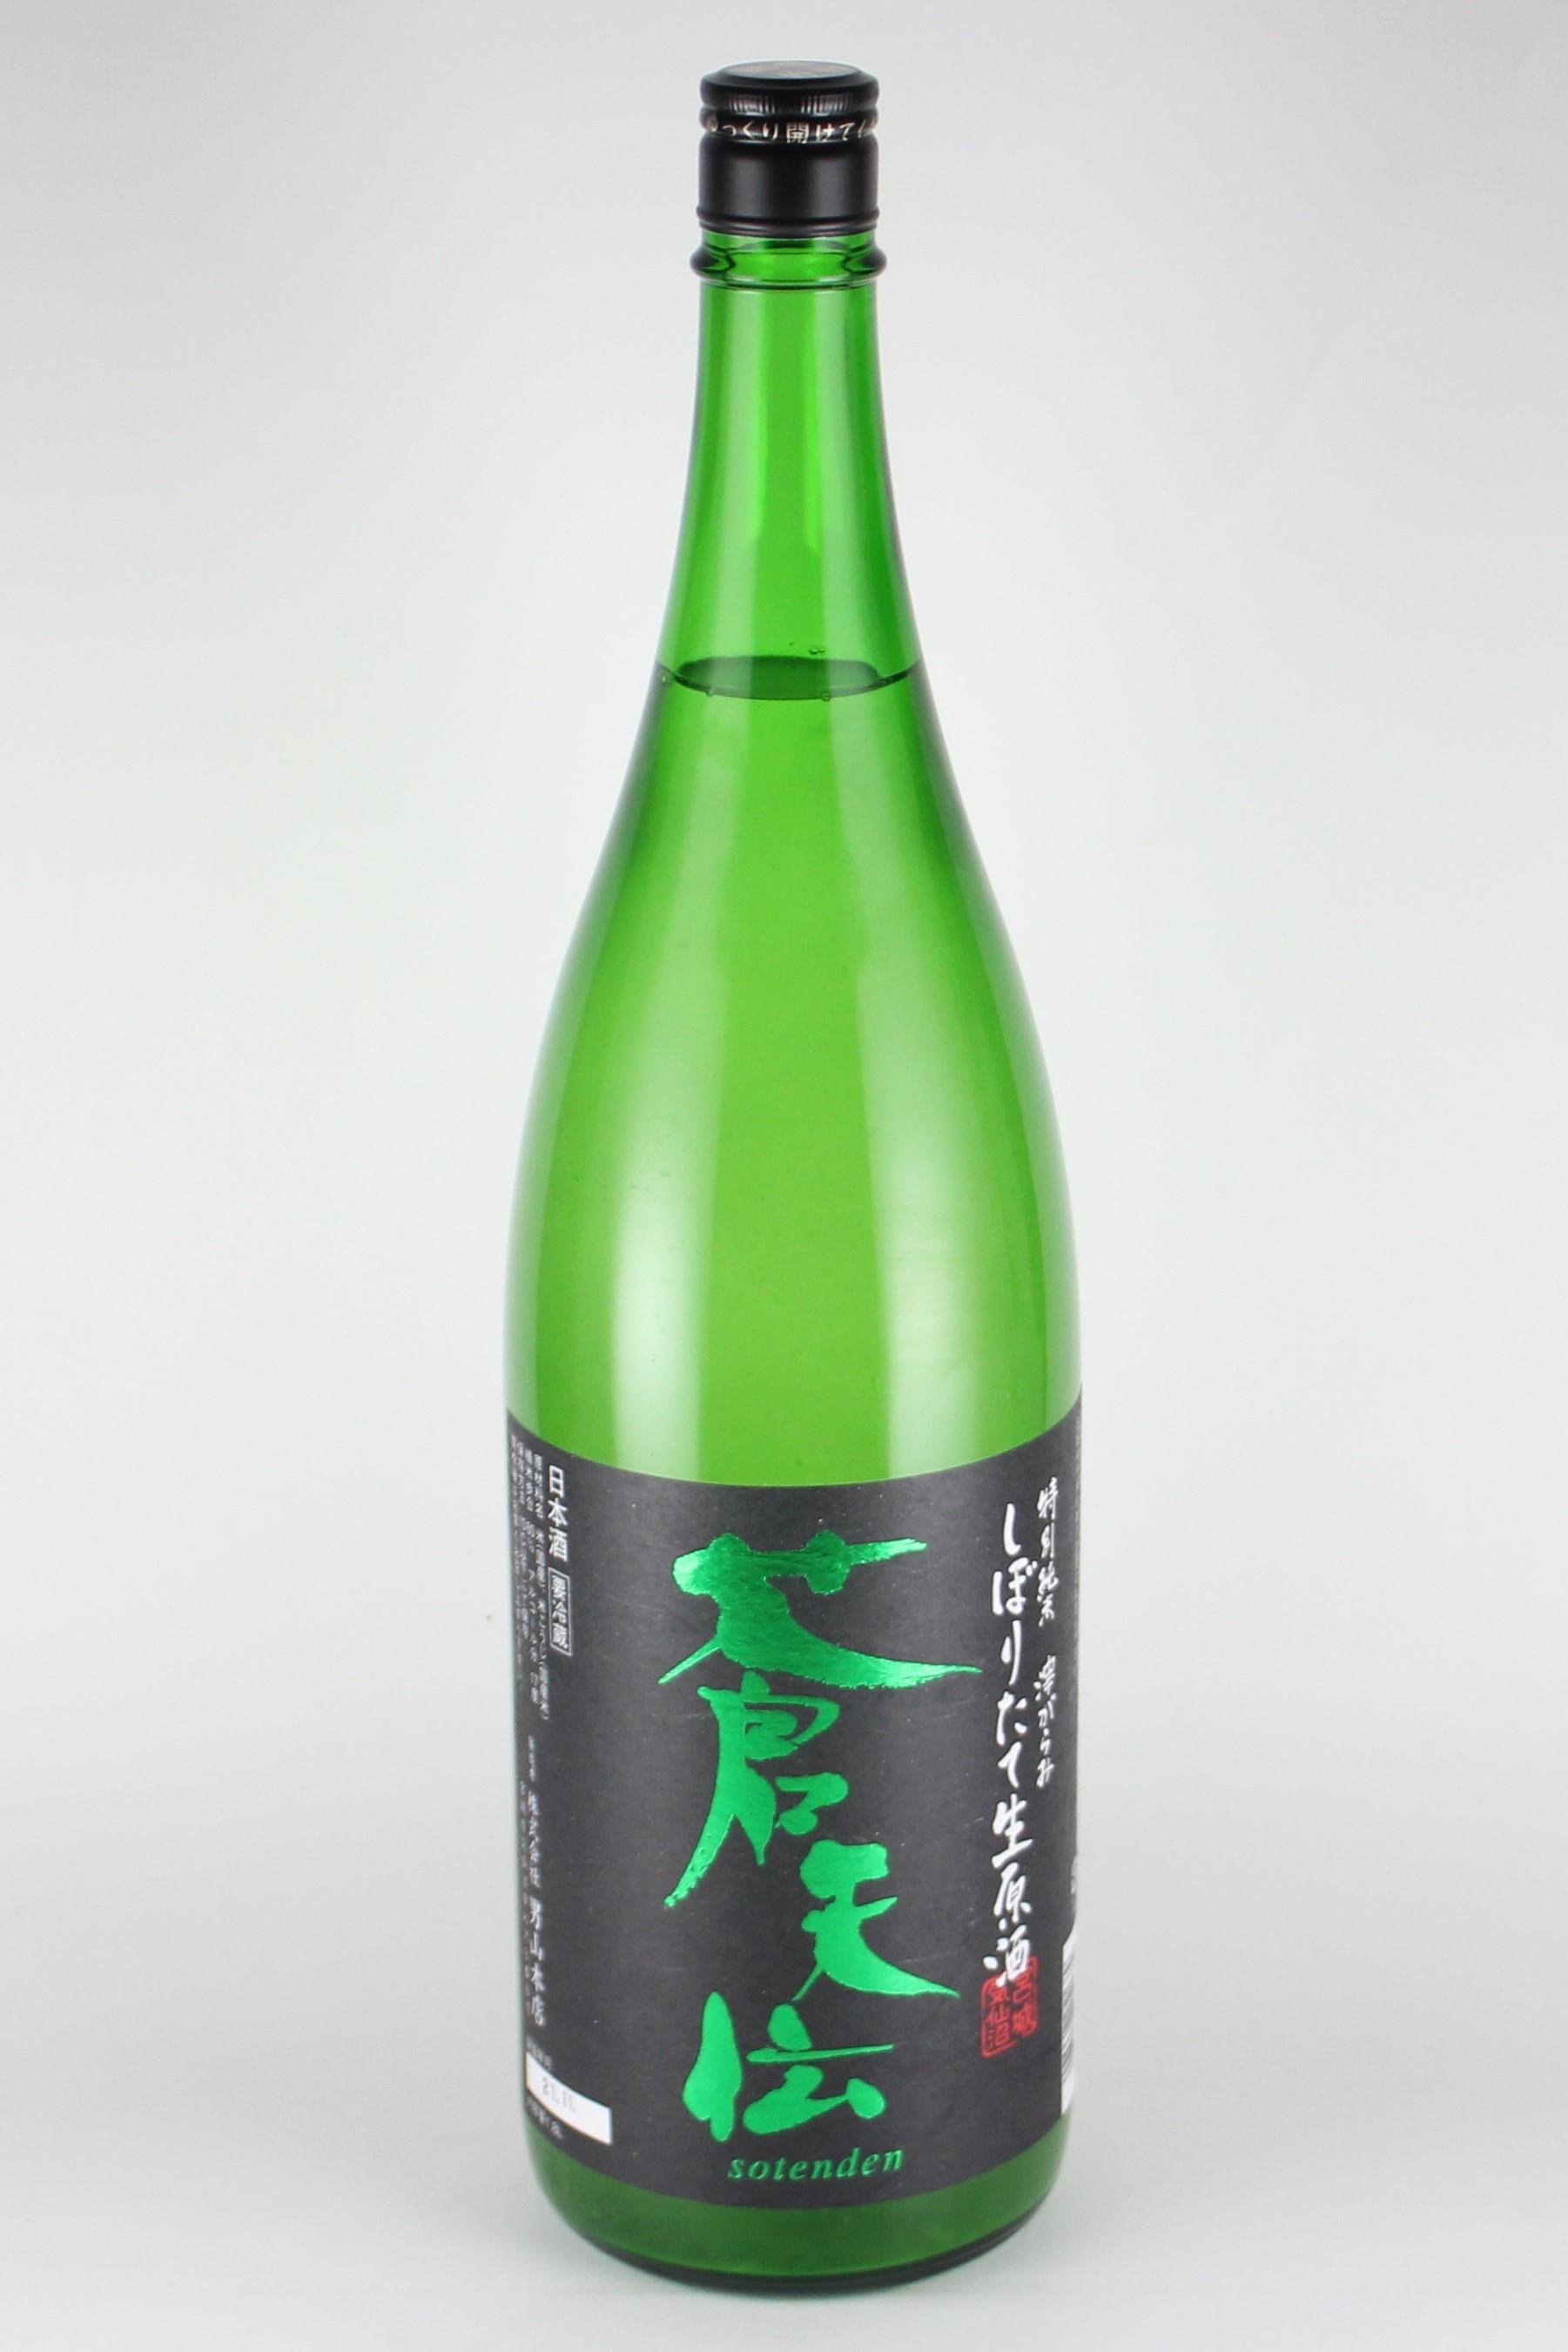 あべ ピンク2019 純米吟醸無濾過生原酒うすにごり たかね錦55 720ml 【新潟/阿部酒造】2017醸造年度